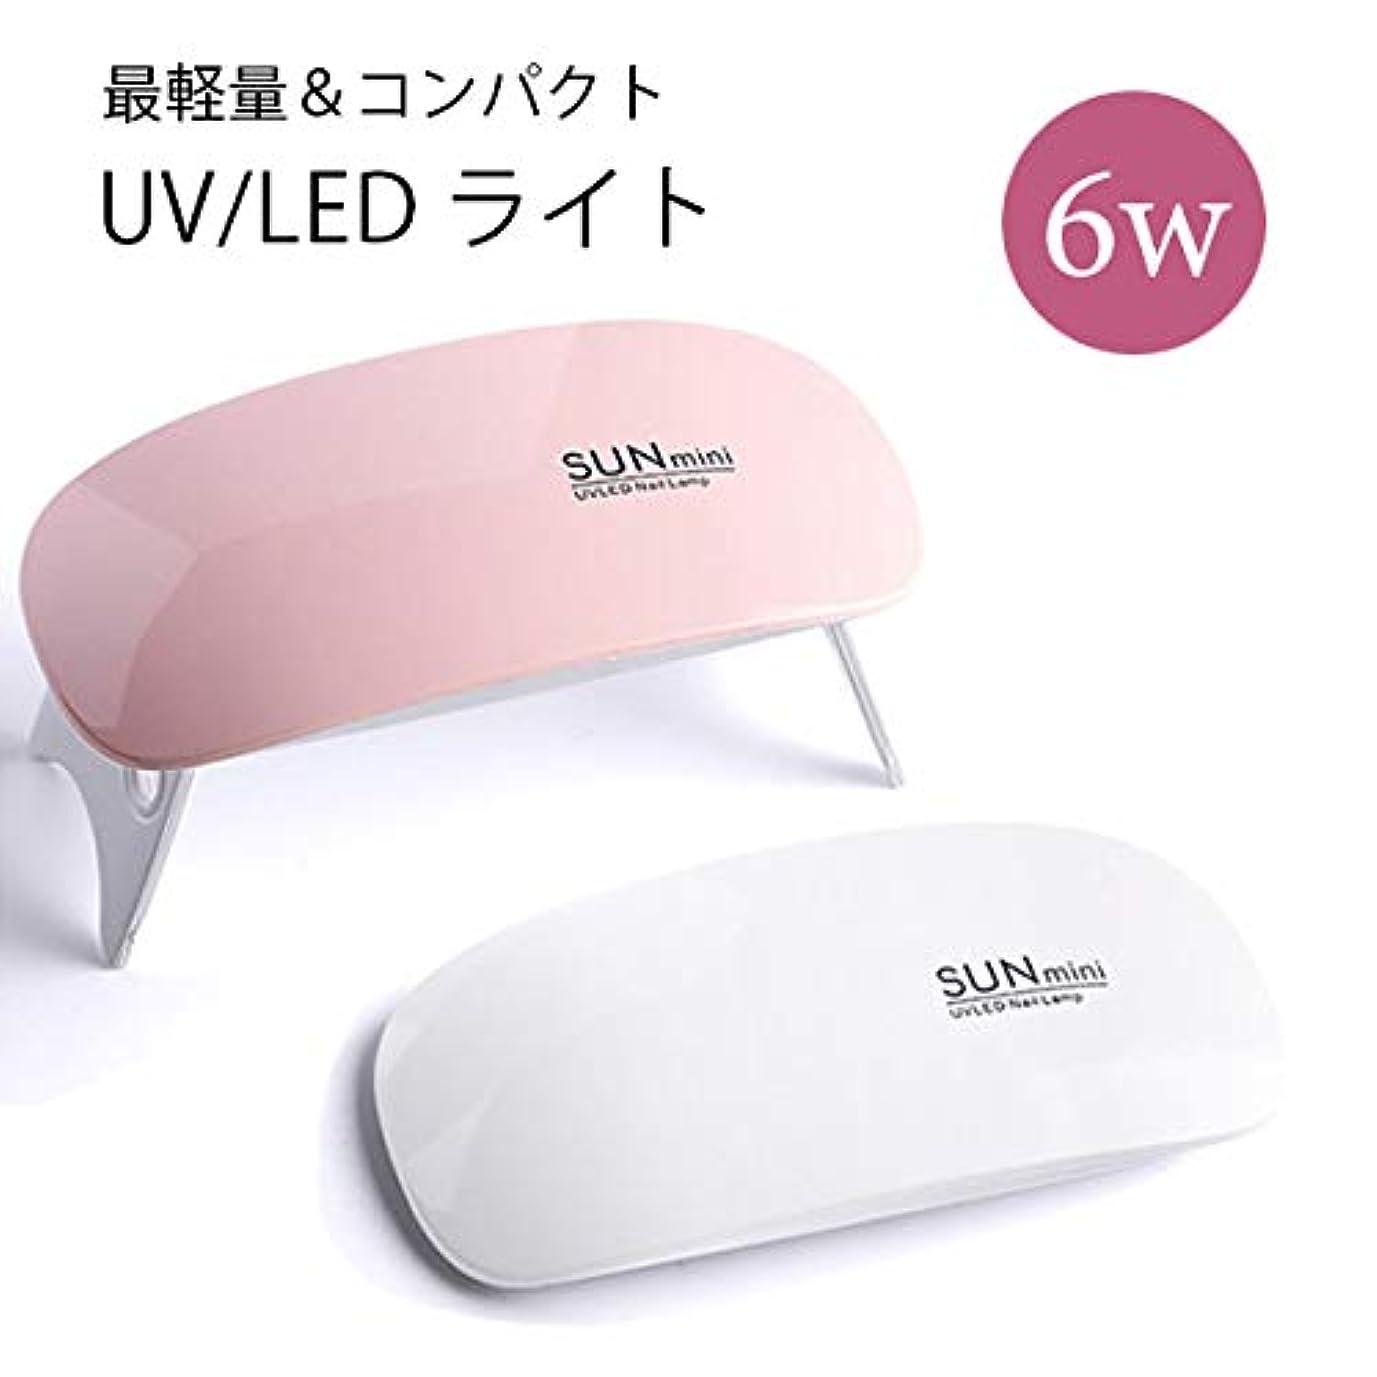 レザーふさわしい希少性薄型 LED/UV ライト 6w (ピンク)